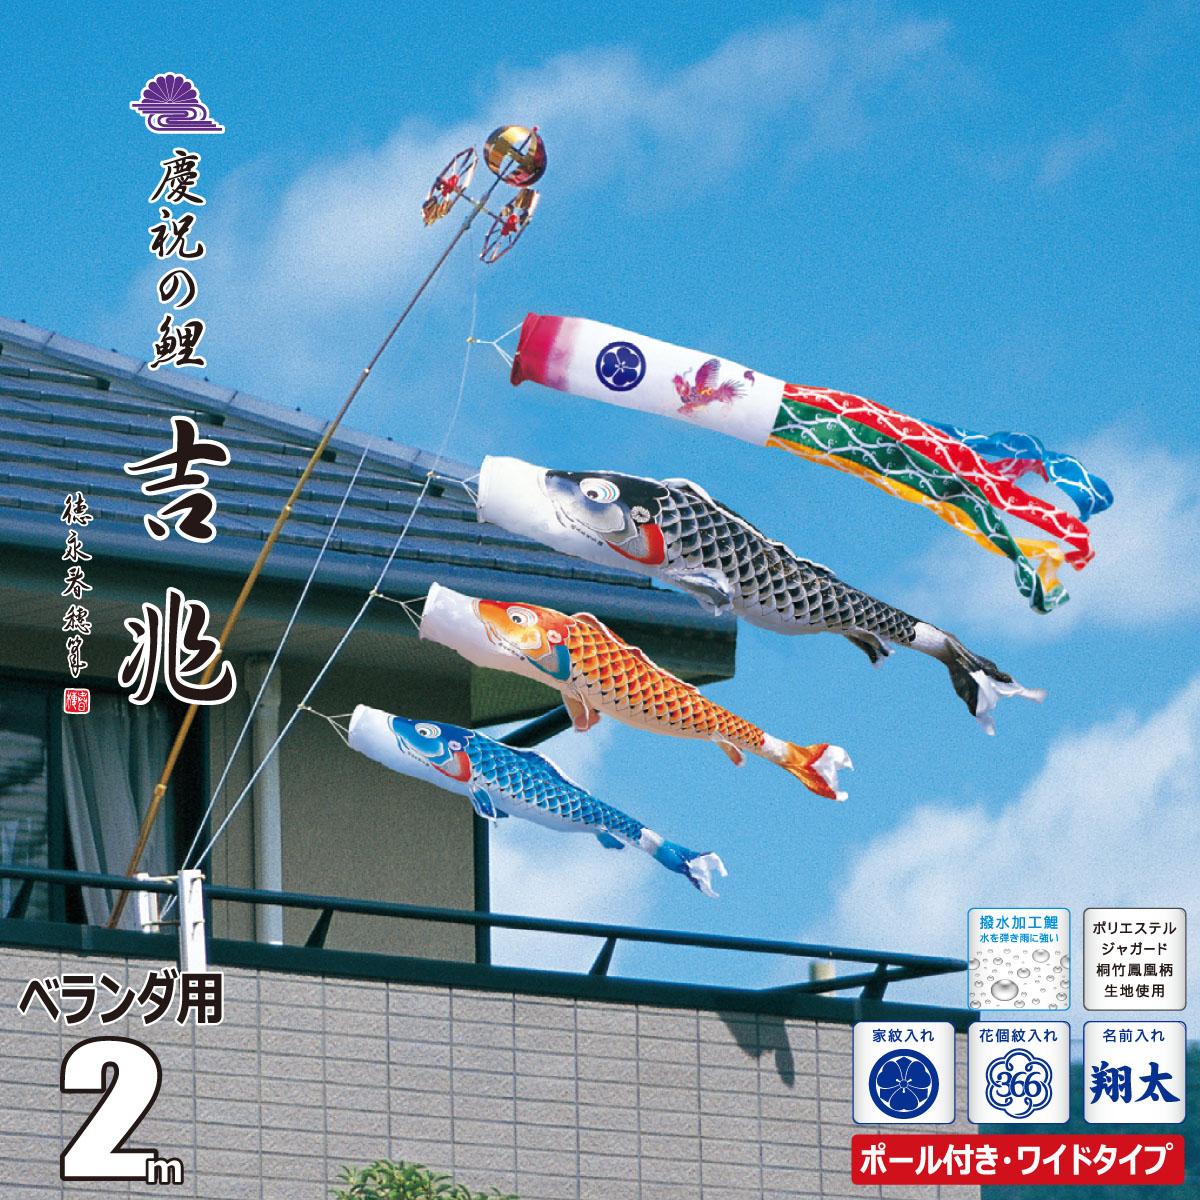 こいのぼり 2m 吉兆 6点 (矢車、ロープ、吹流し、鯉3匹) ベランダ用 スーパーロイヤルセット (ベランダ用 取付金具付き) 徳永鯉のぼり KIT-121-150